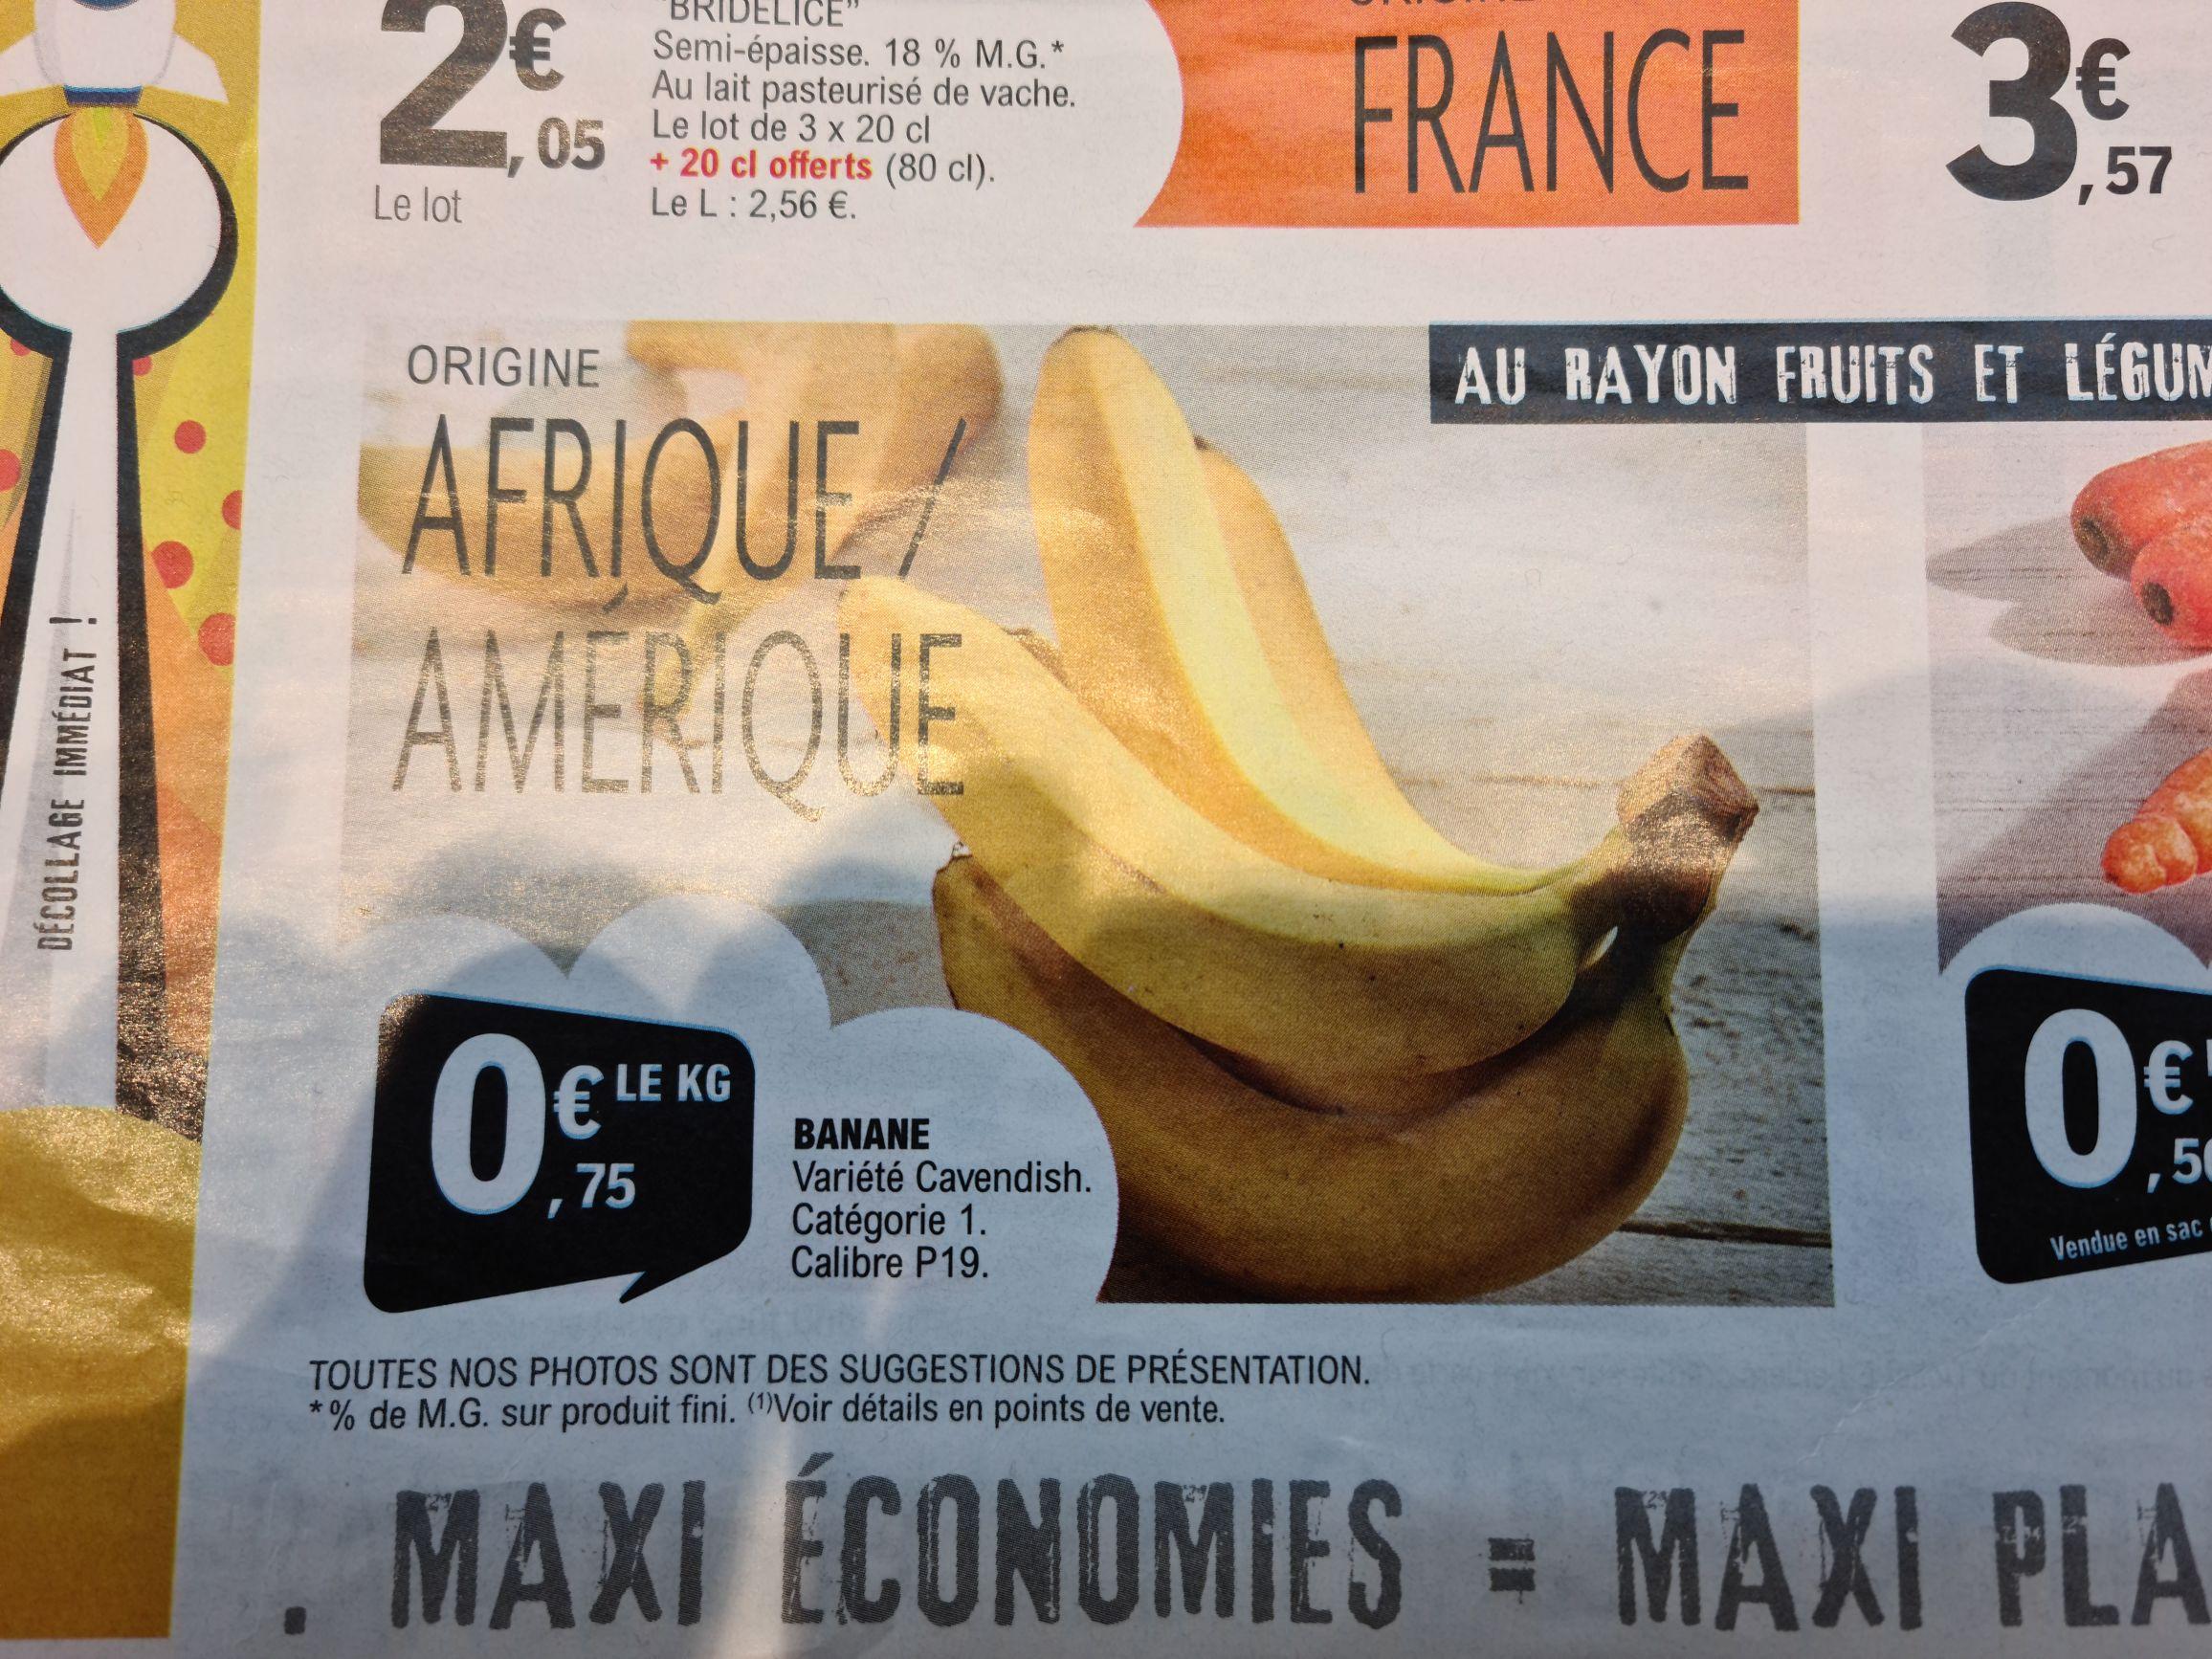 1 kg de Bananes Cavendish - Origine Amérique ou Afrique - Hirson (02)